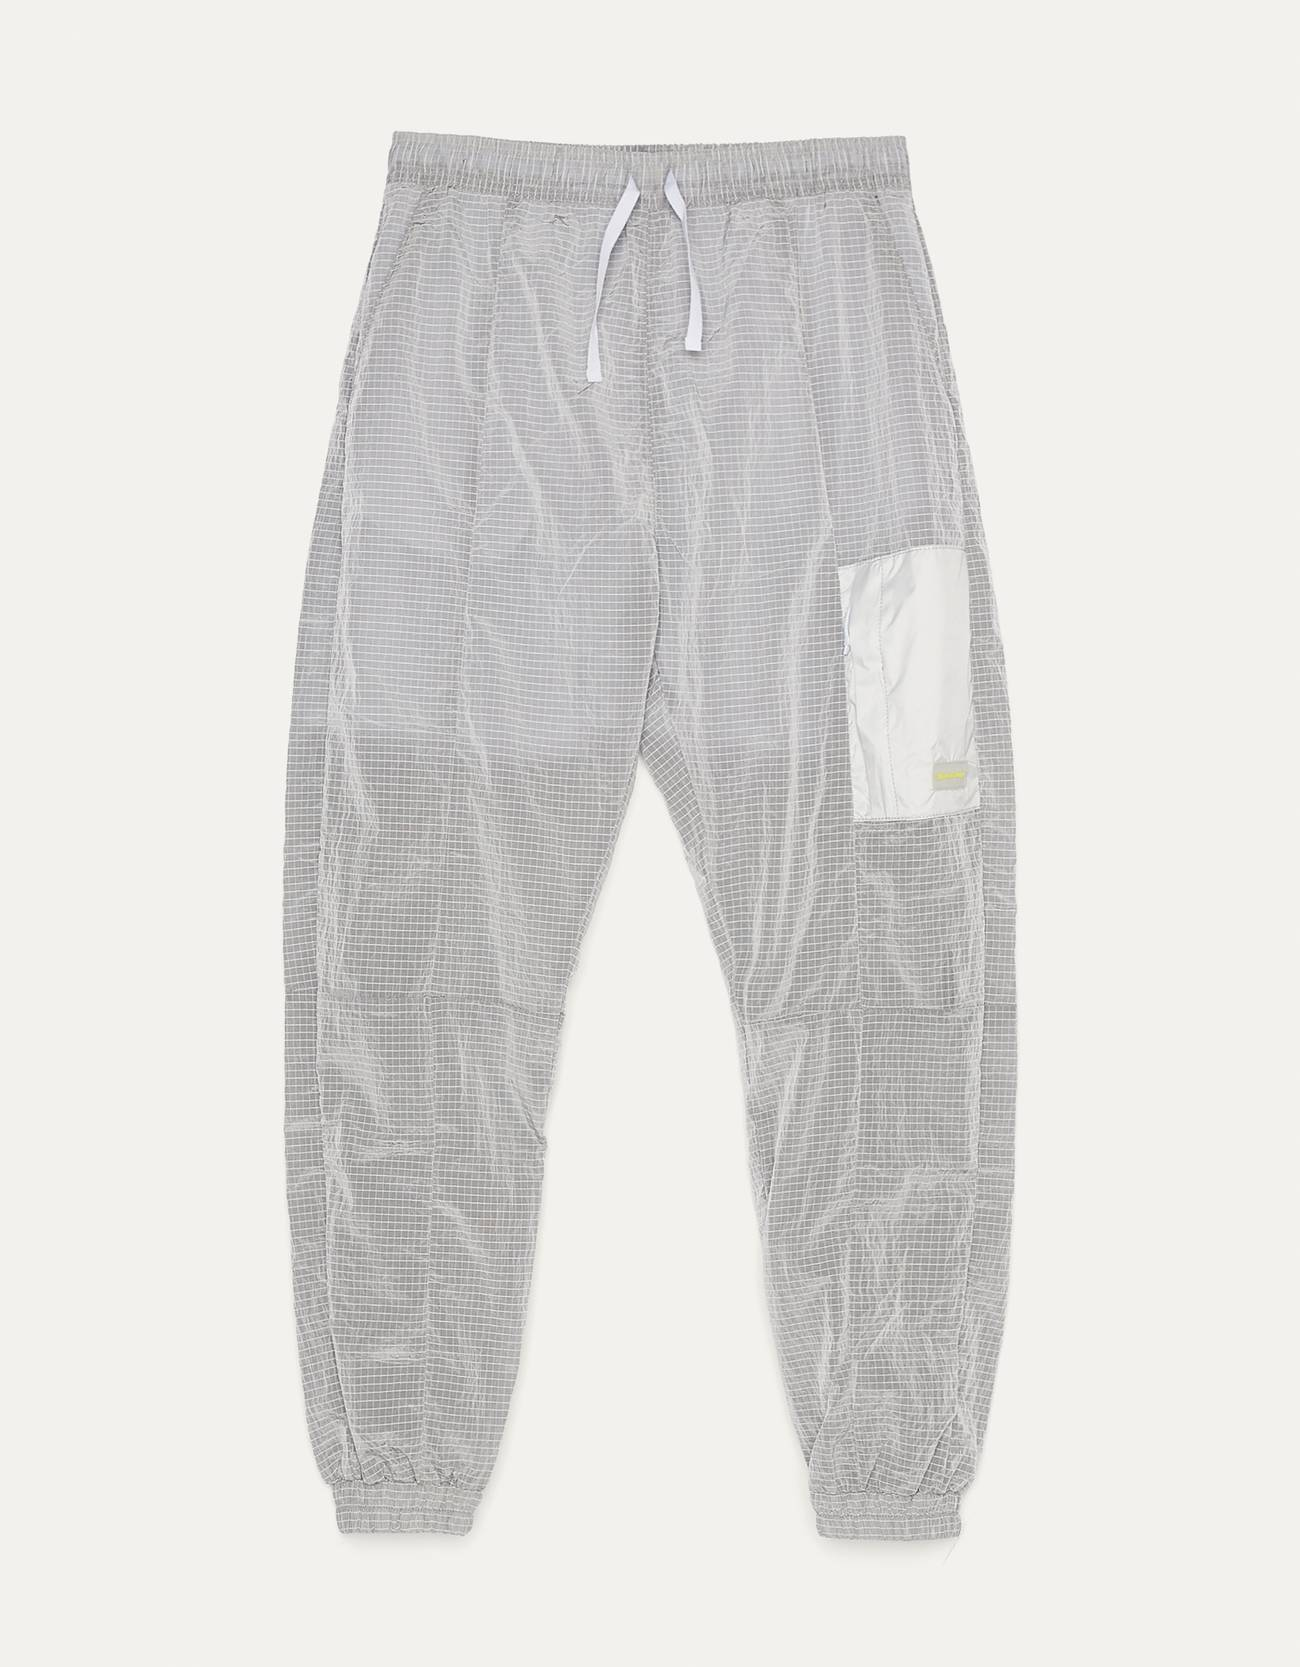 Pantalón jogger con tejido de nylon, cintura elástica ajustada por cordón y detalle de botones presión. Dos bolsillos en pernera y corte ligeramente fluido con goma en bajo.